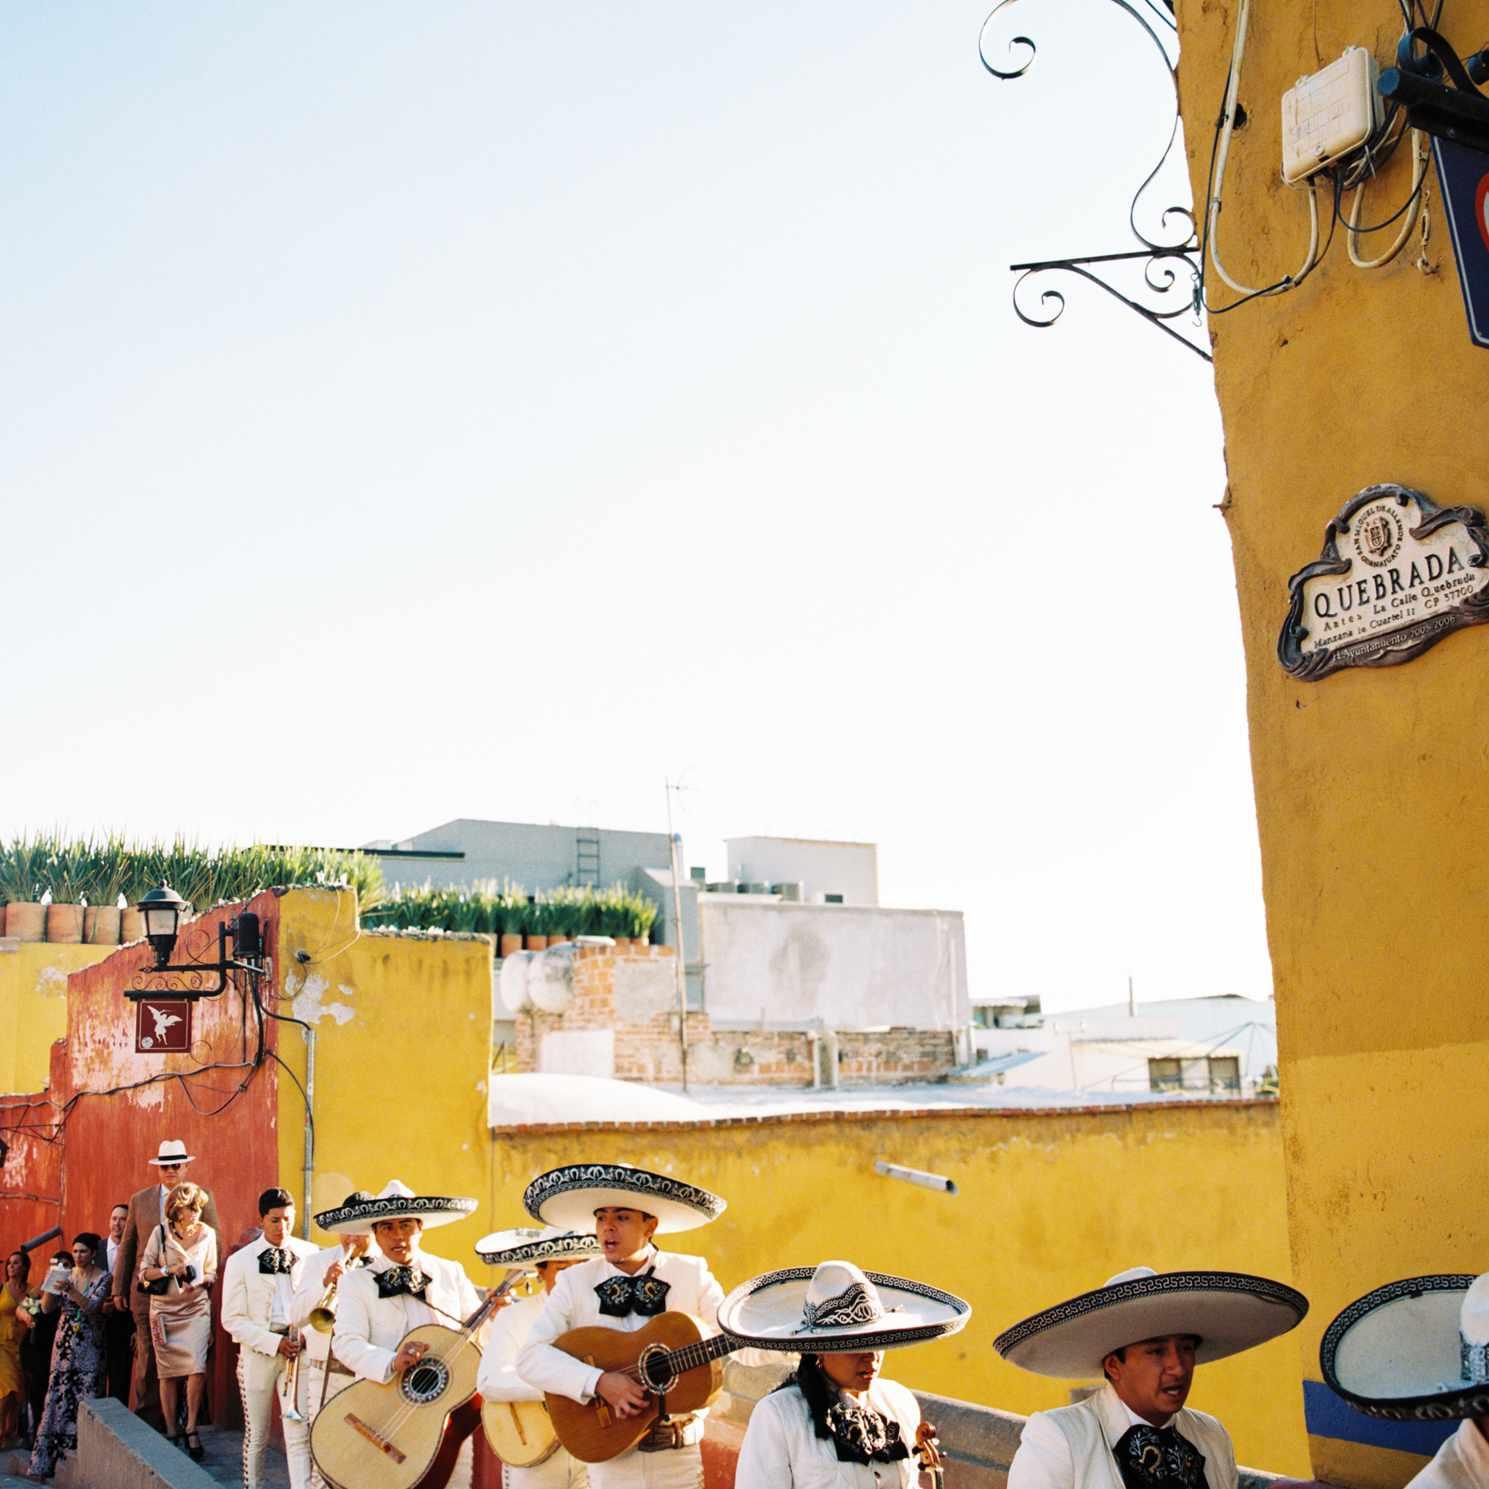 Mariachi band parade